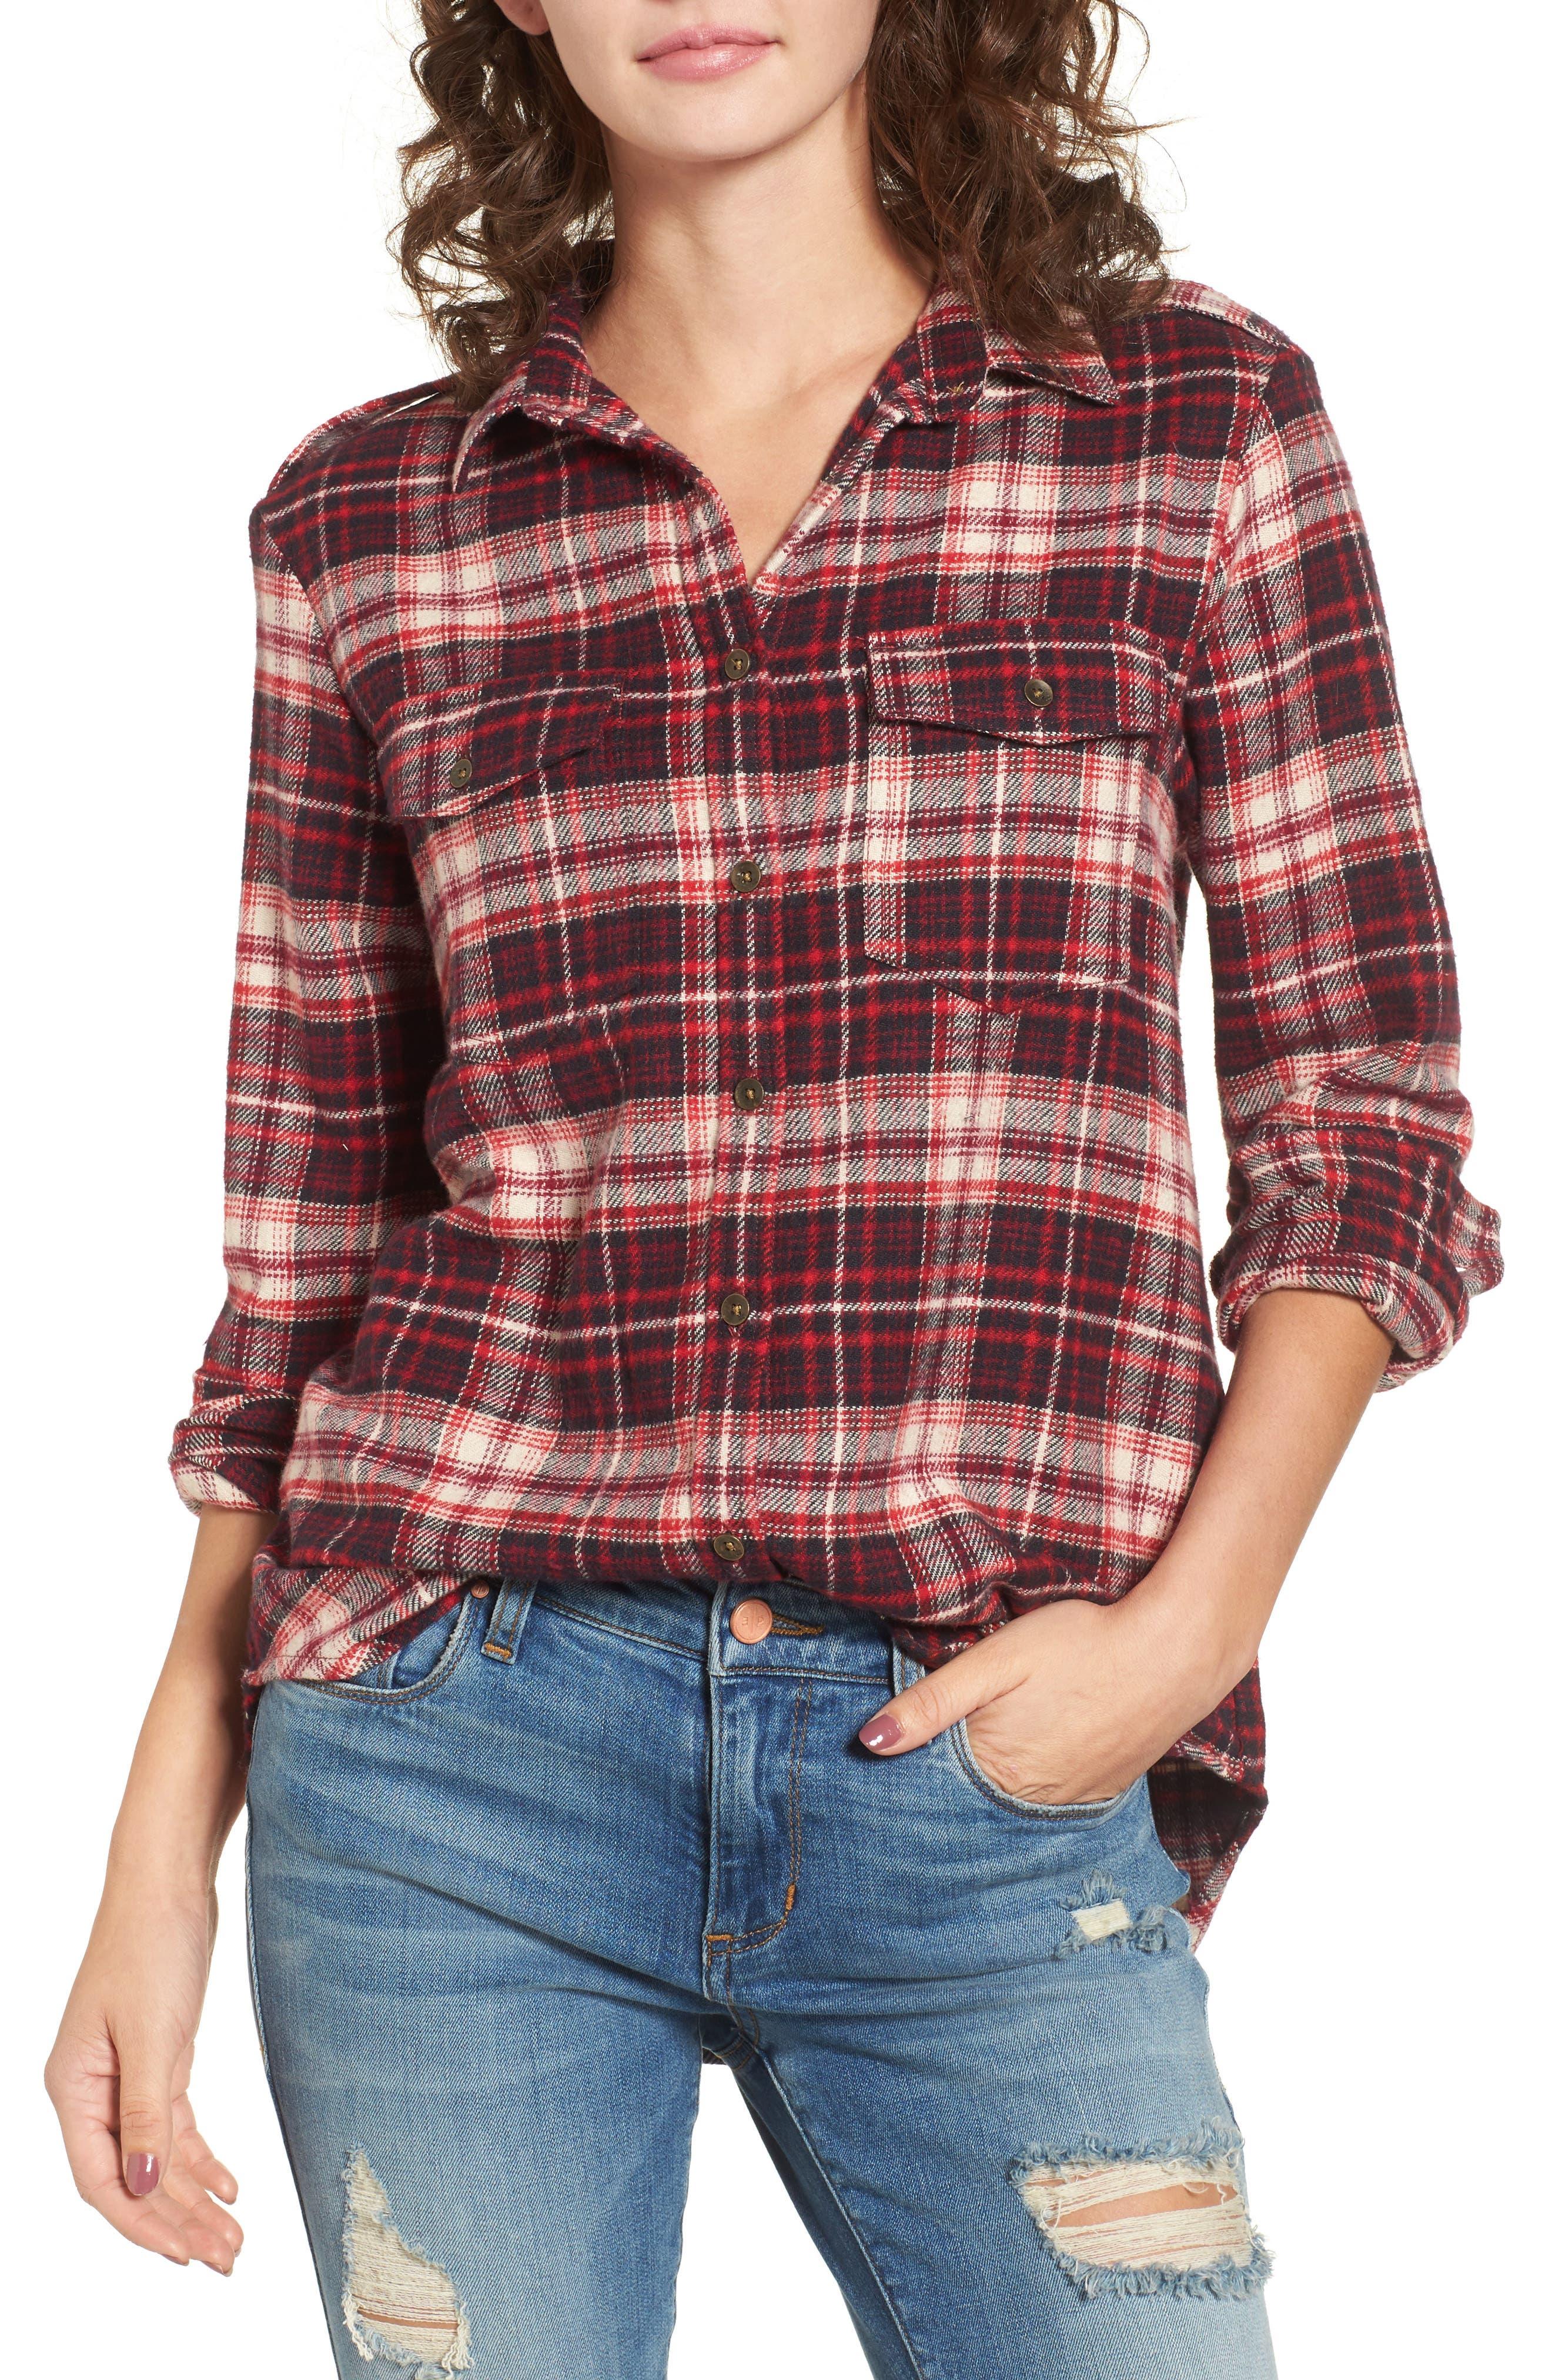 Billabong Venture Out Flannel Shirt